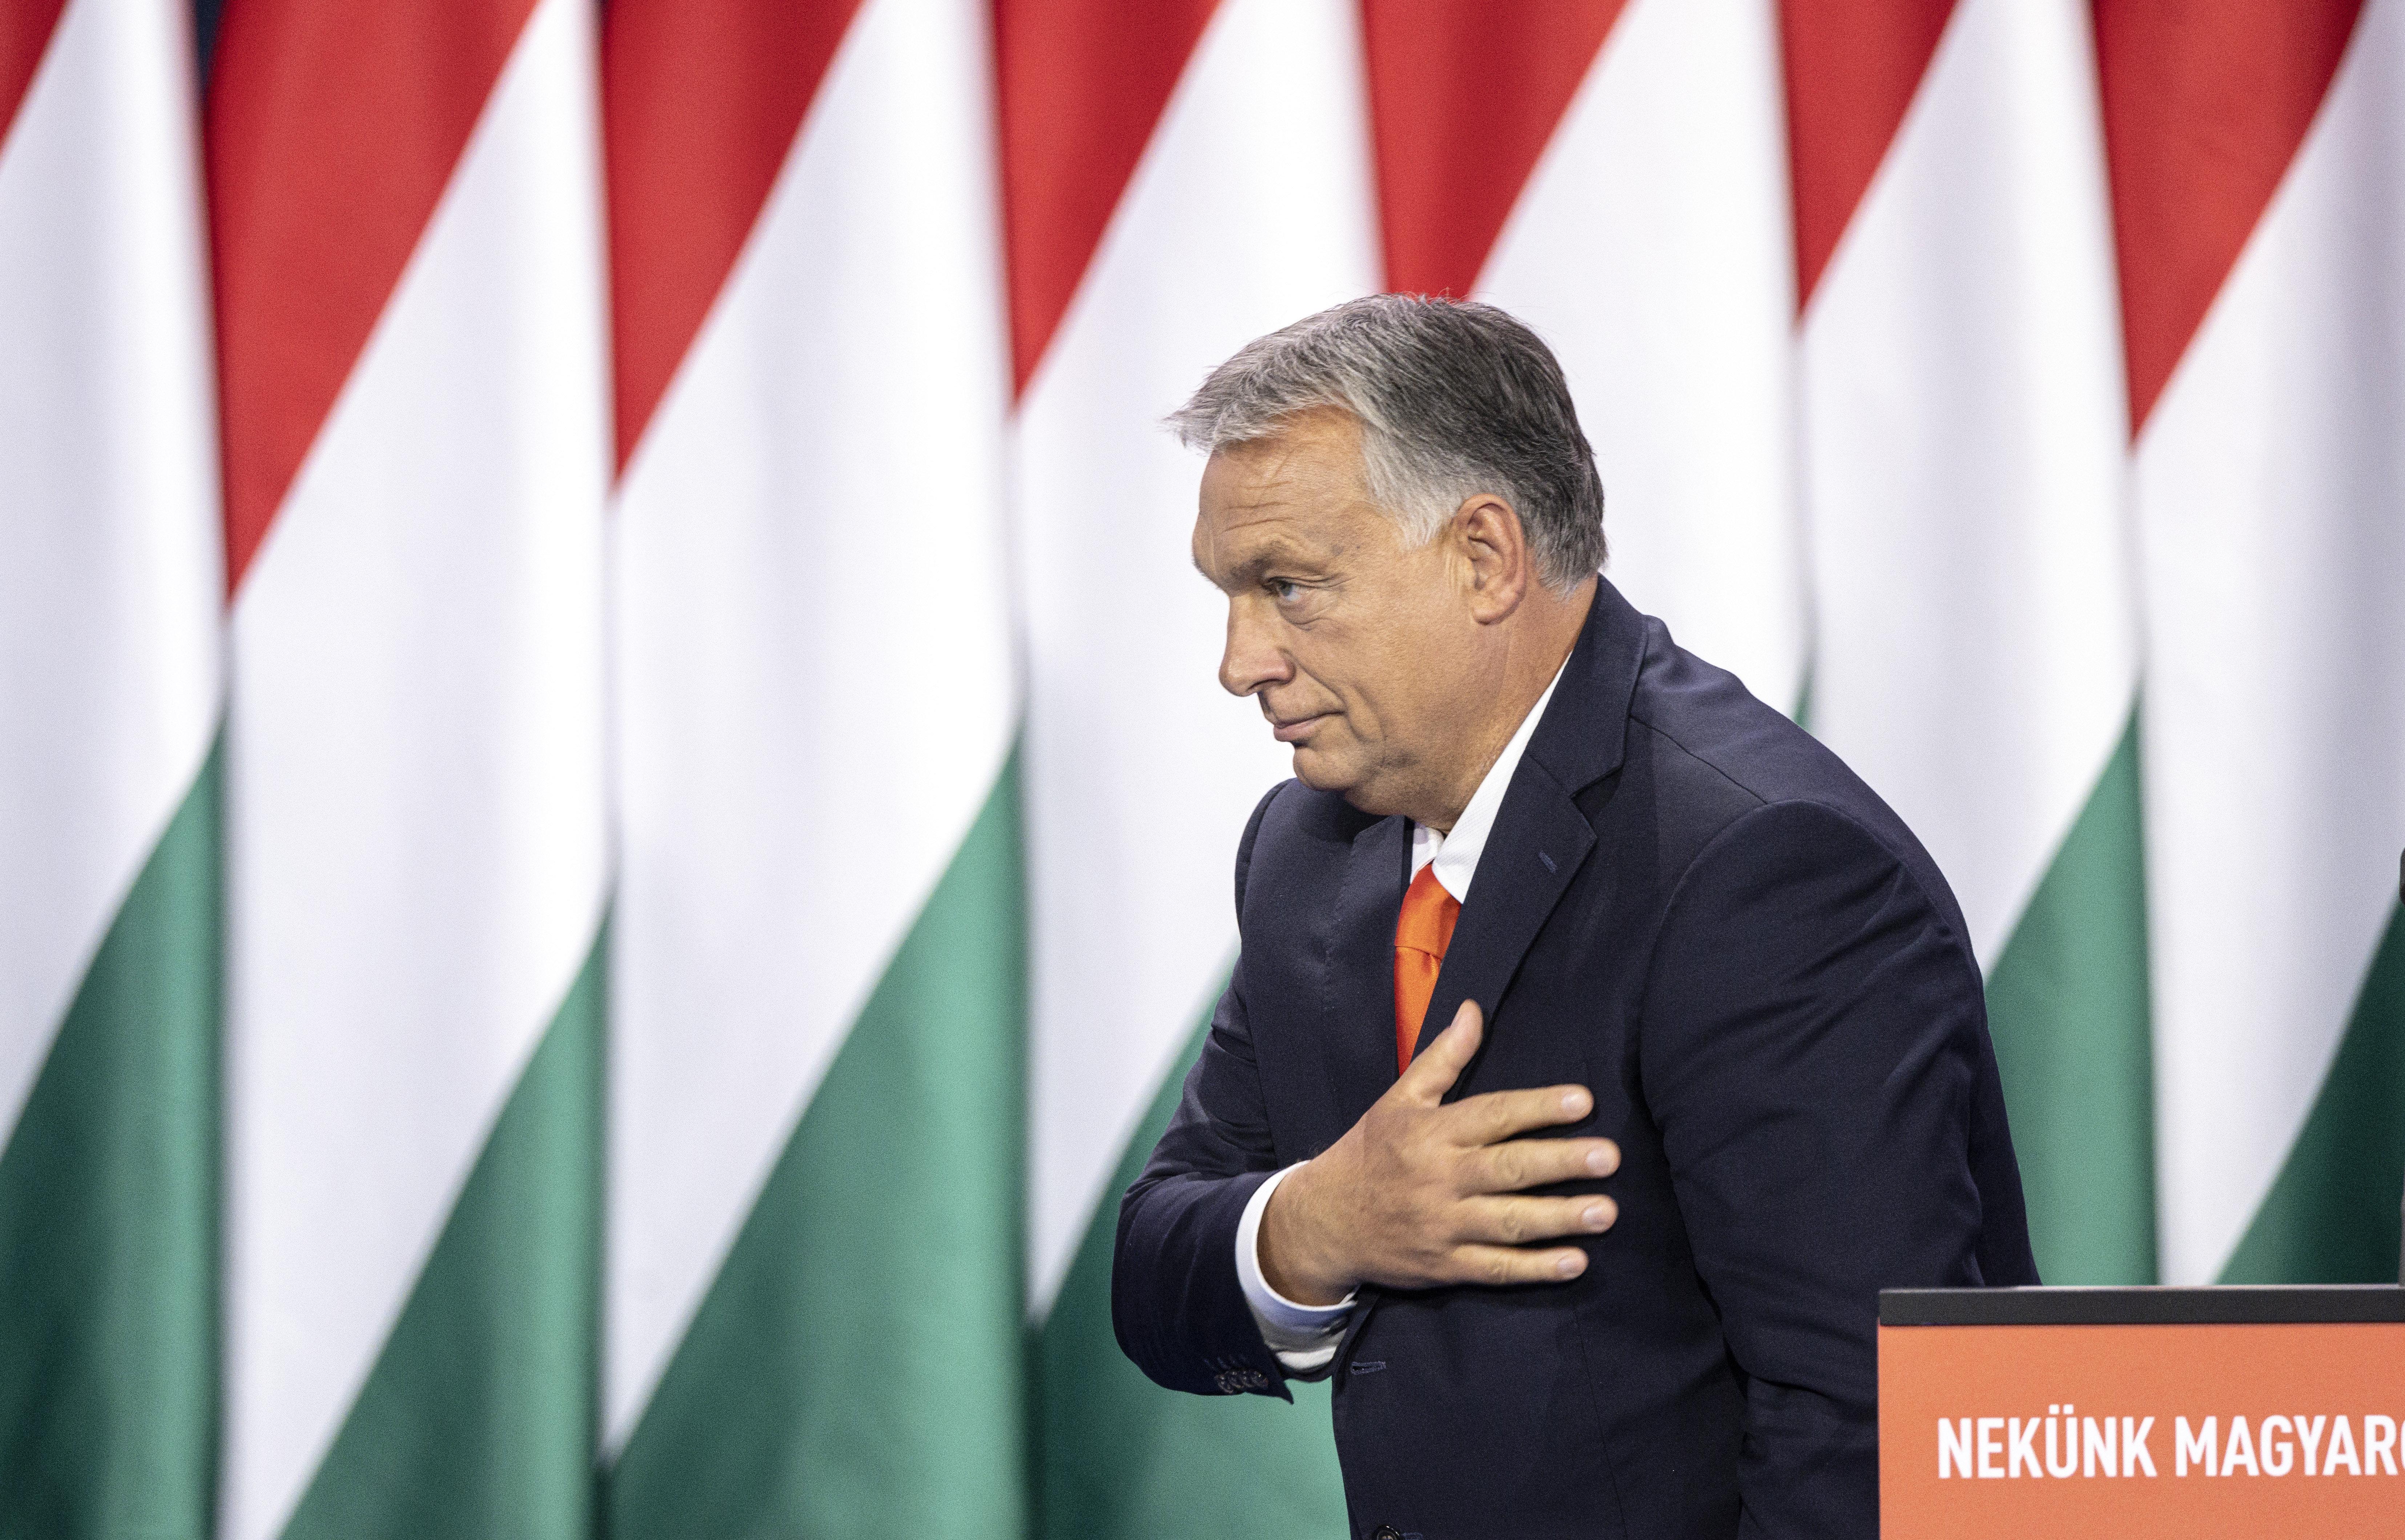 Fidesz wählt Orbán erneut zum Parteivorsitzenden post's picture